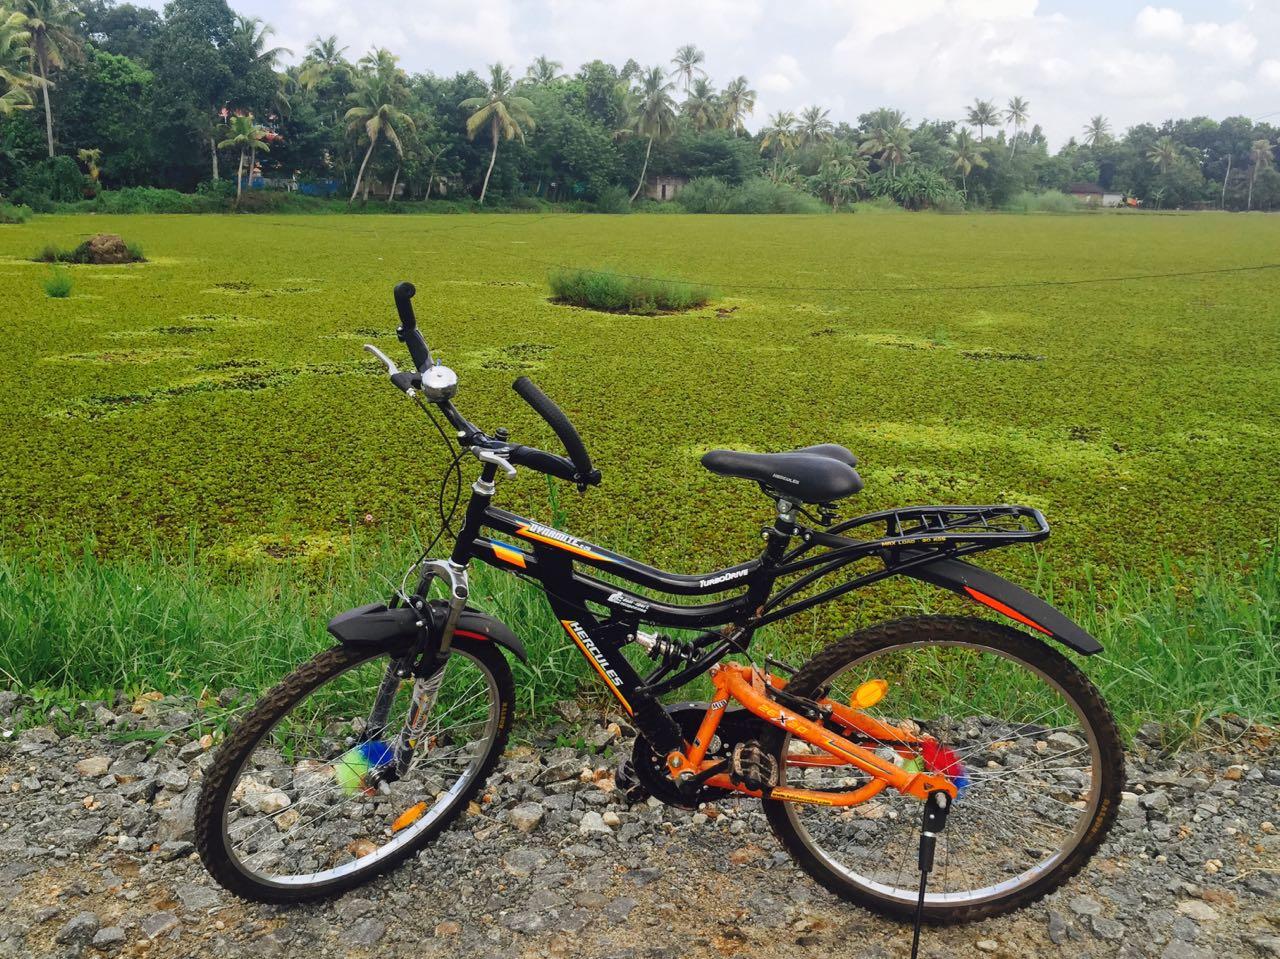 Geführte Farradtouren durch Indien